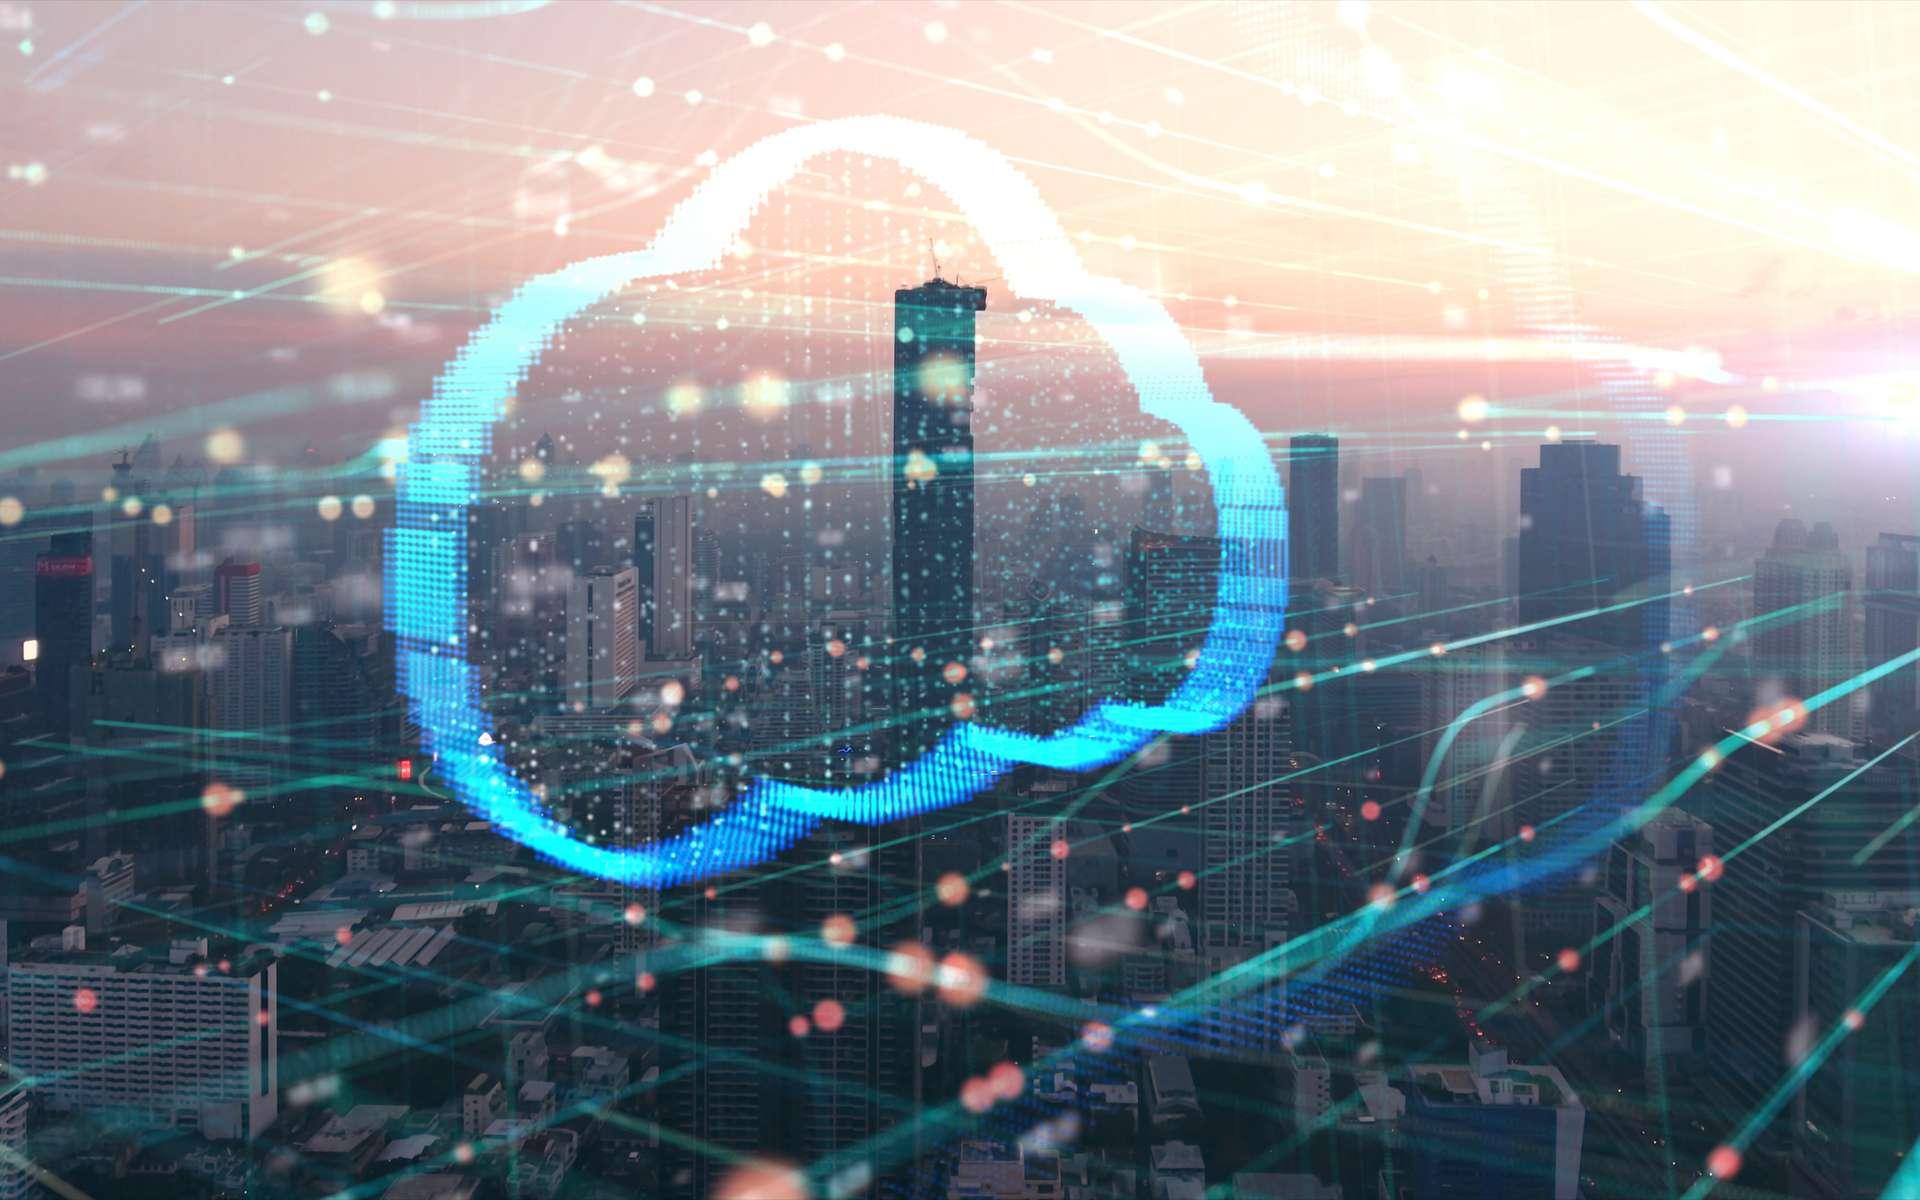 Accessible depuis n'importe quel support informatique, le cloud computing est présent partout dans le monde. © ekaphon, Adobe Stock